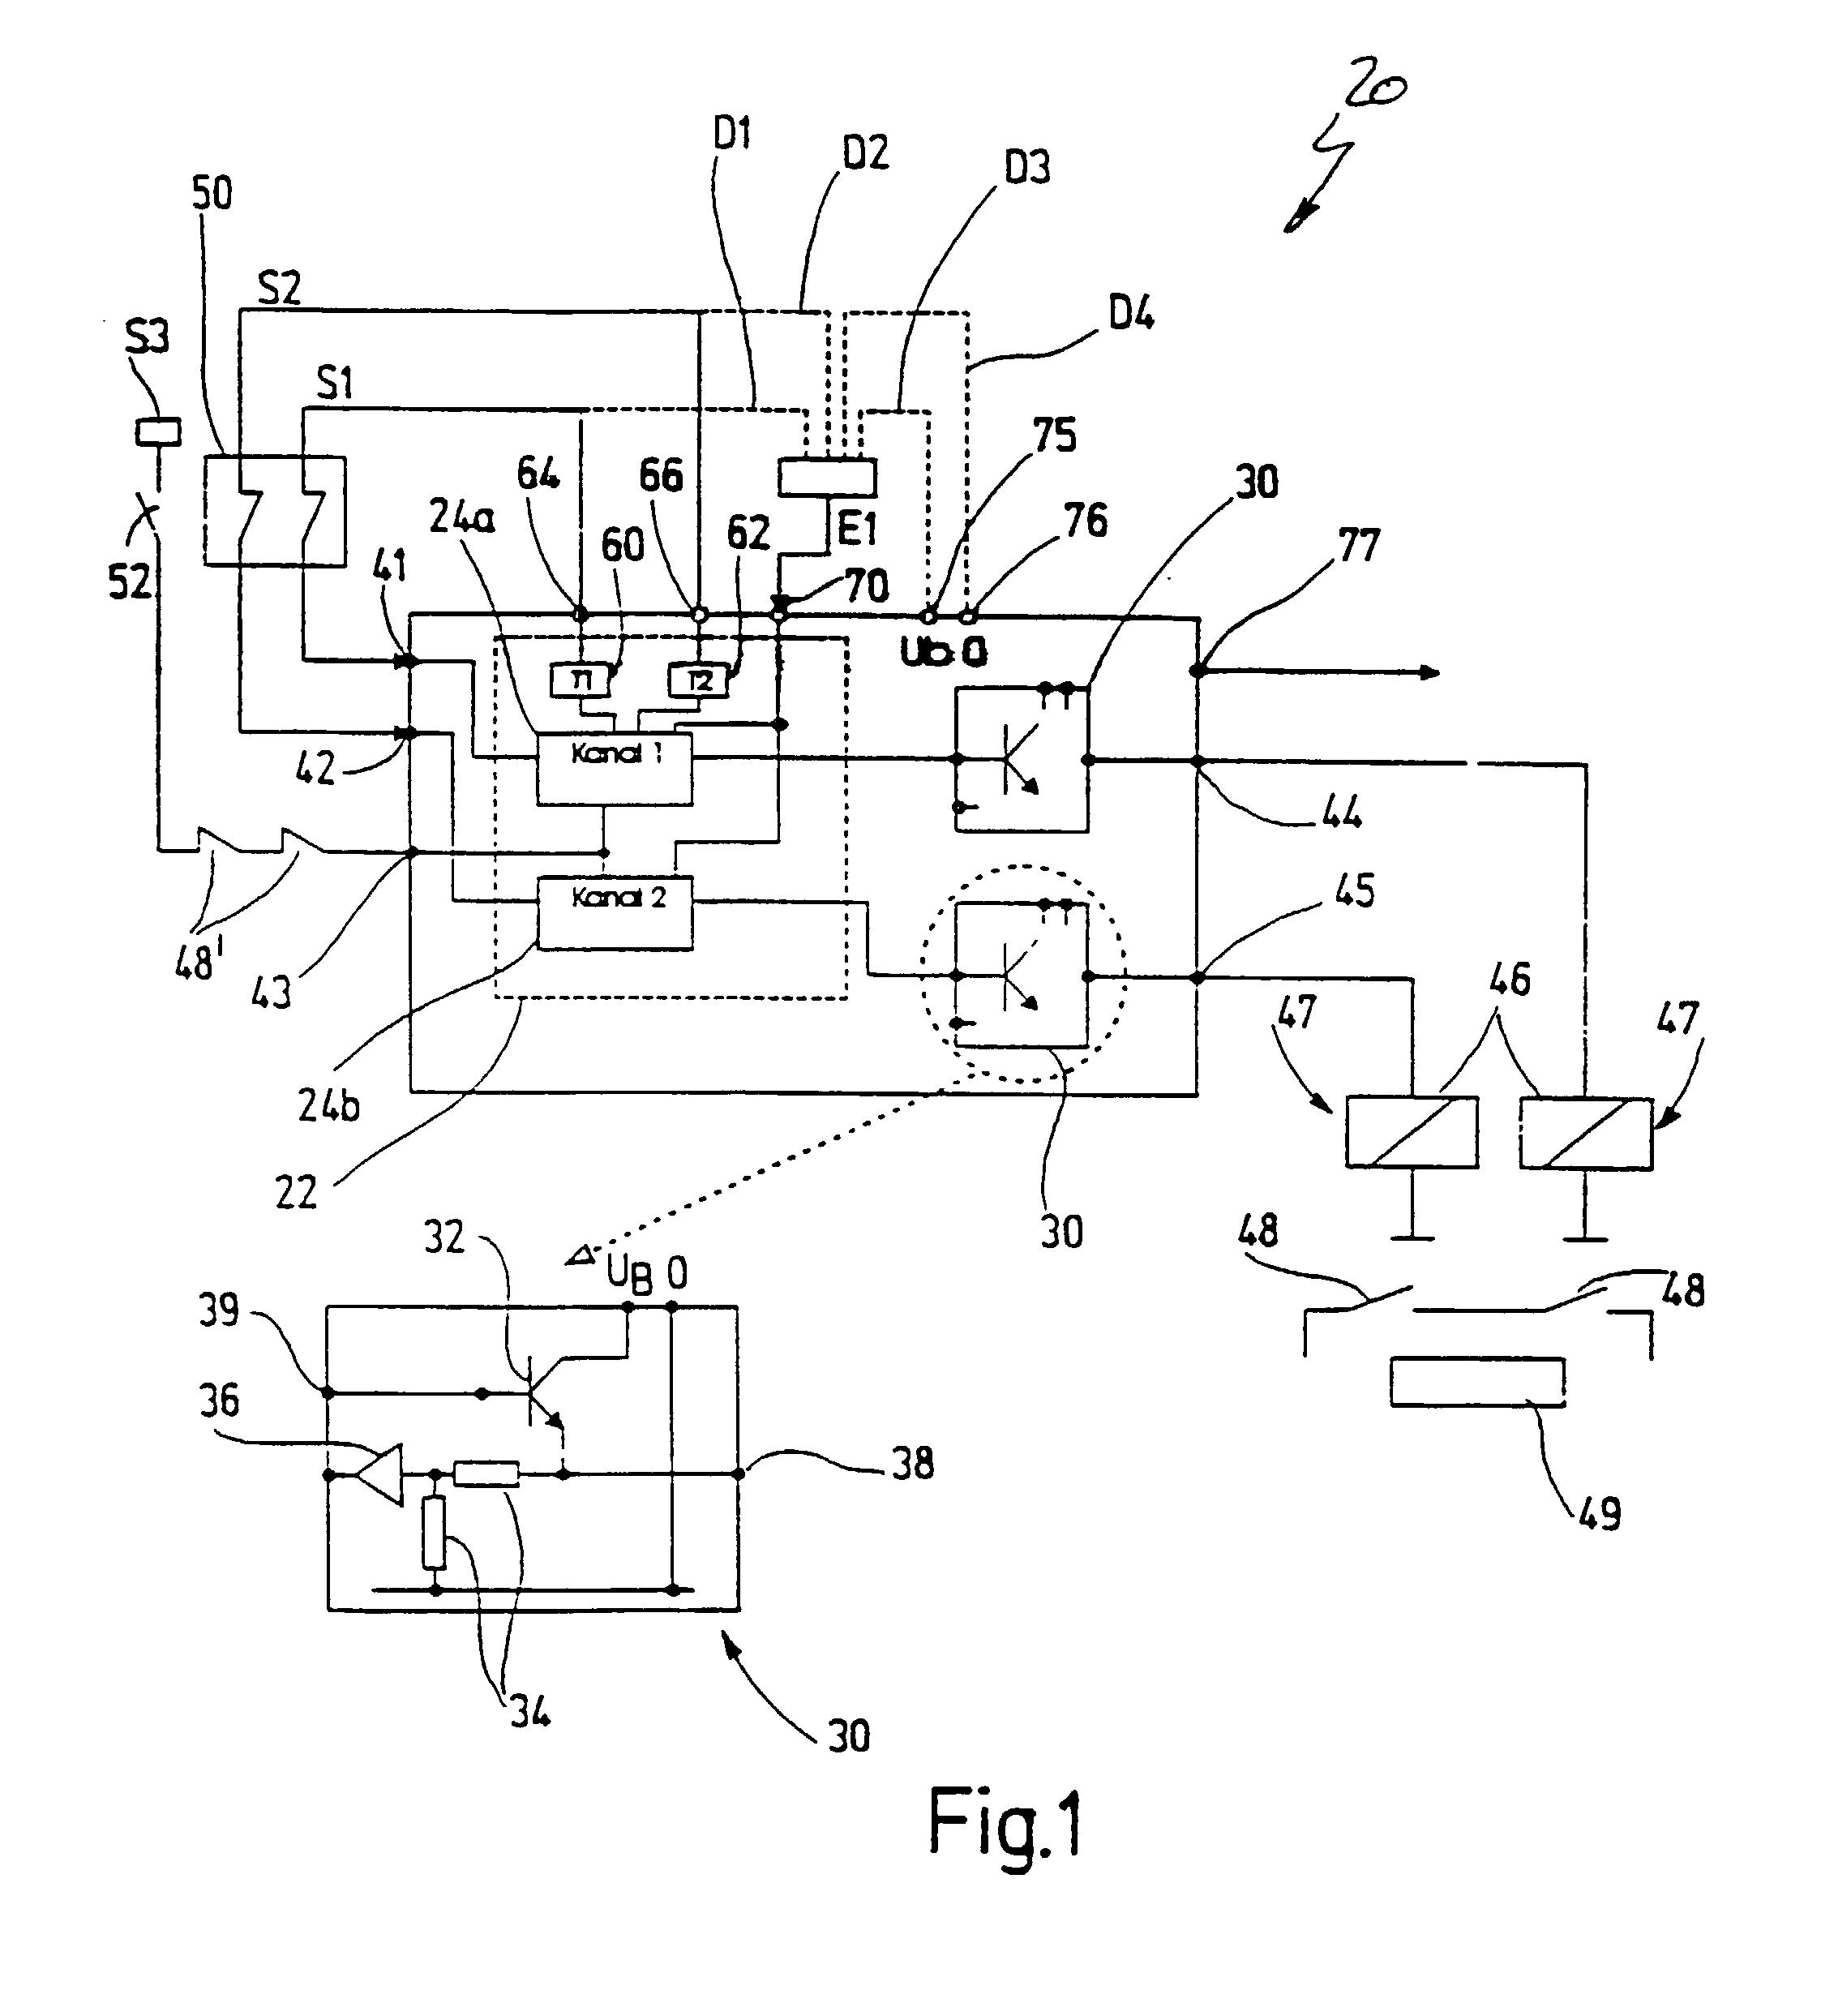 pilz-pnoz-x4-wiring-diagram-10 Pnoz S C Wiring Diagram on